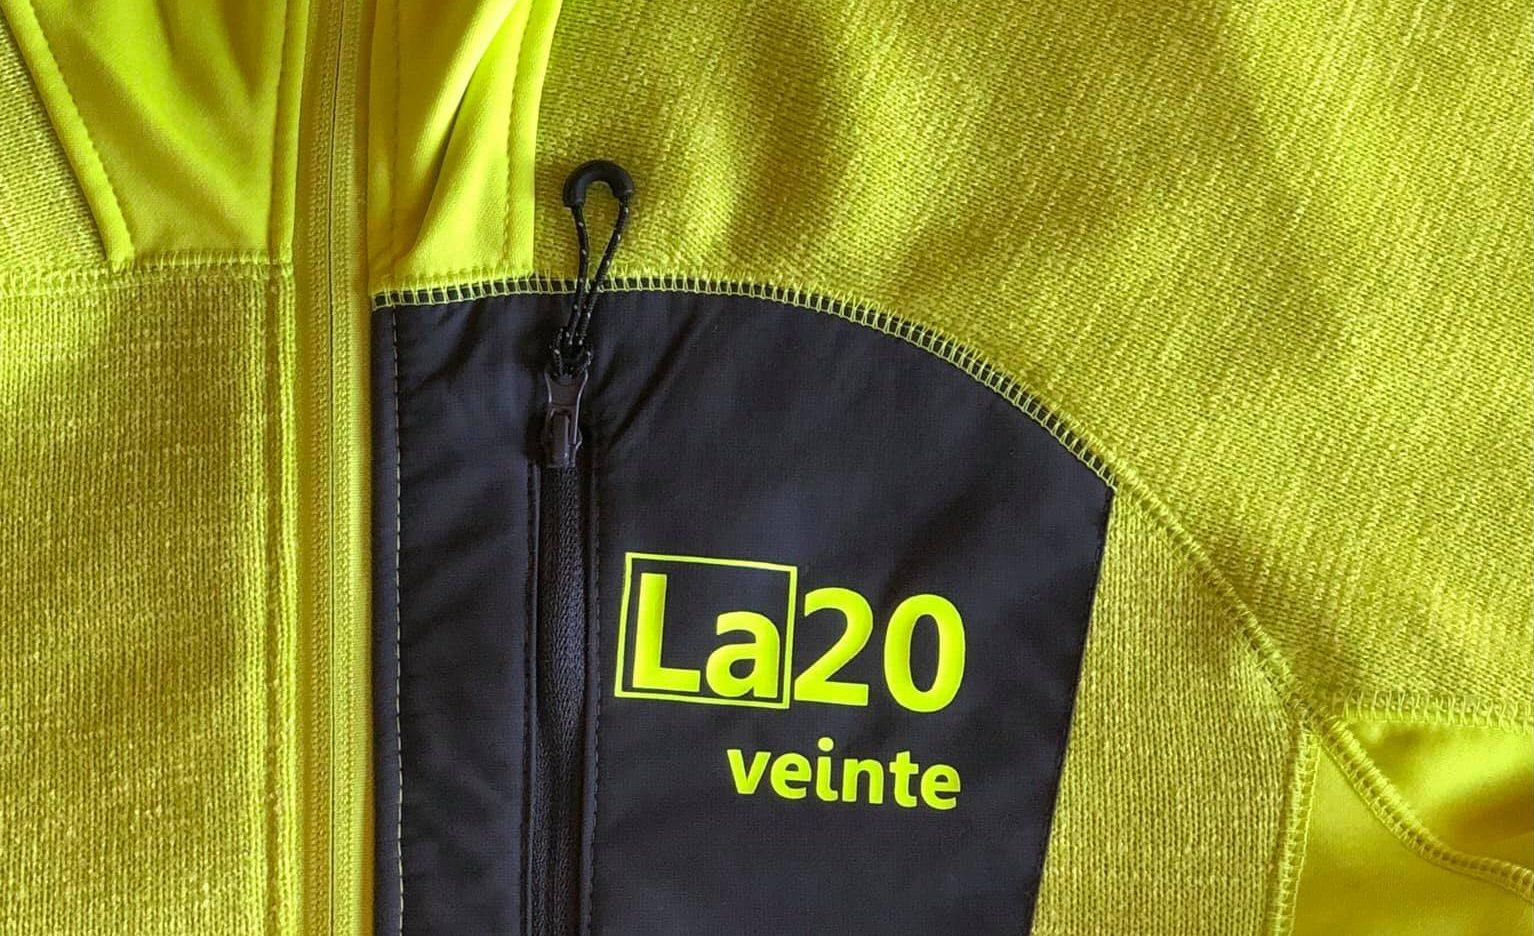 La20veinte presenta su equipo ciclista de competición en colaboración con la marca de vidrio aislante Vintel 1